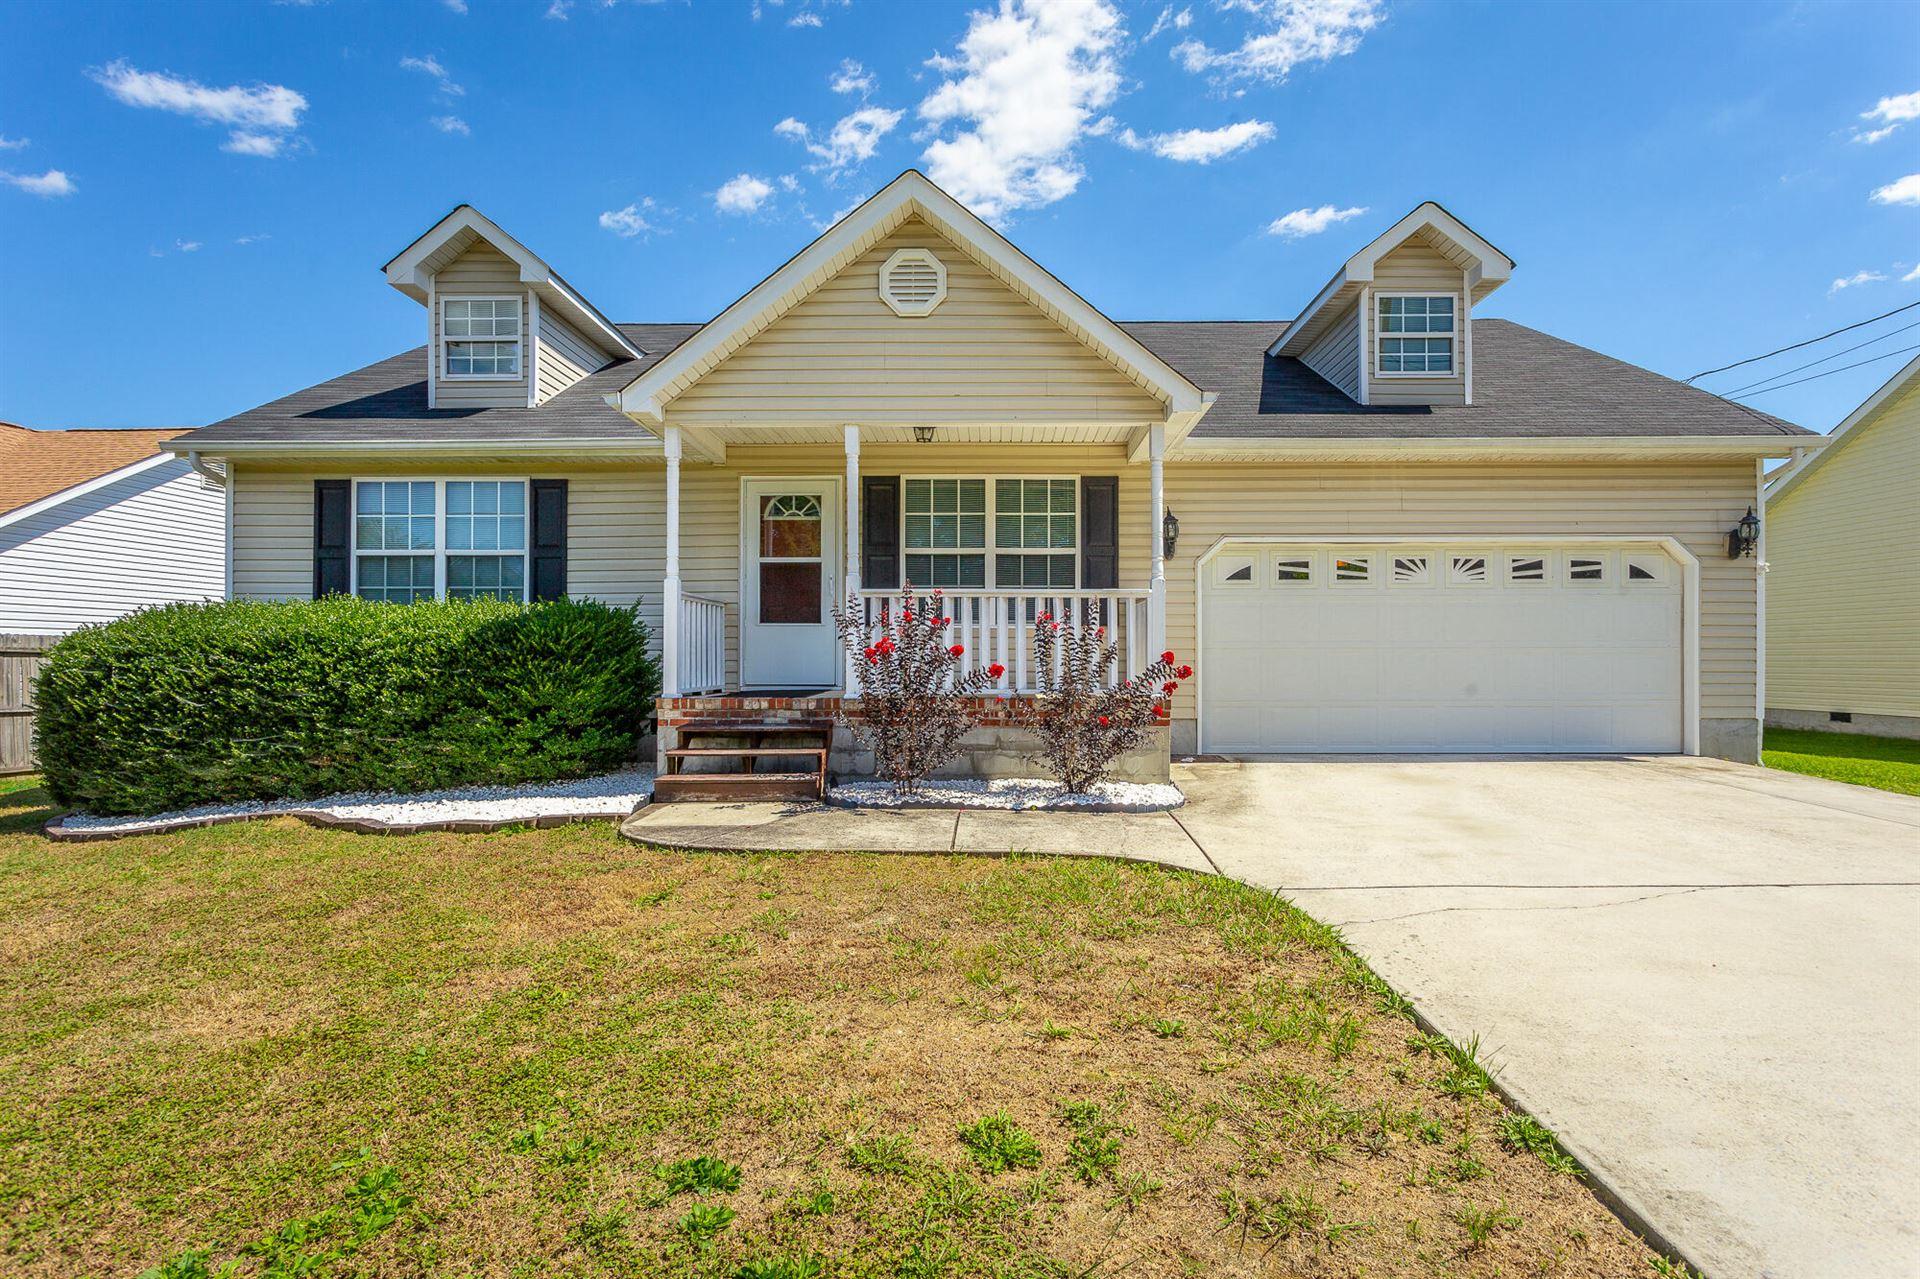 139 Holcomb Rd, Ringgold, GA 30736 - #: 1343242